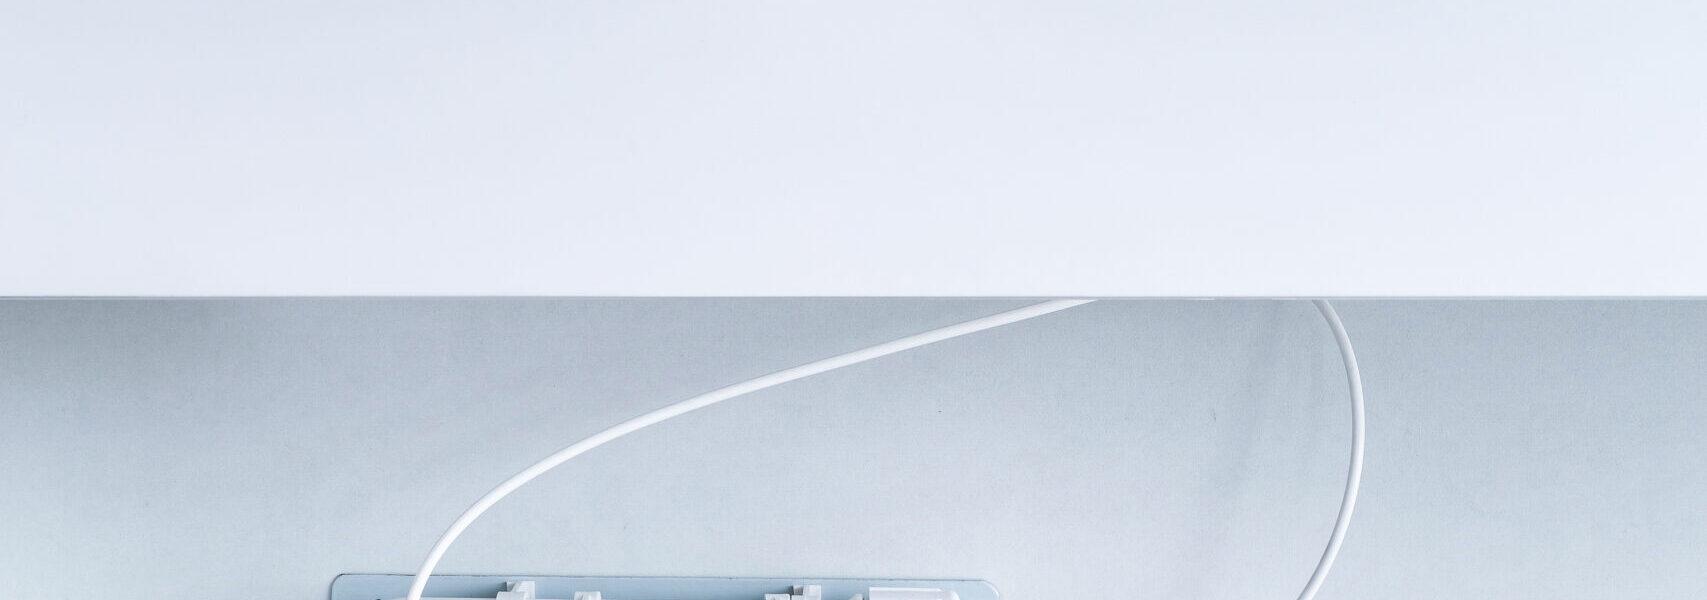 Φίλτρα νερού Energy Water για επαγγελματική & οικιακή χρήση